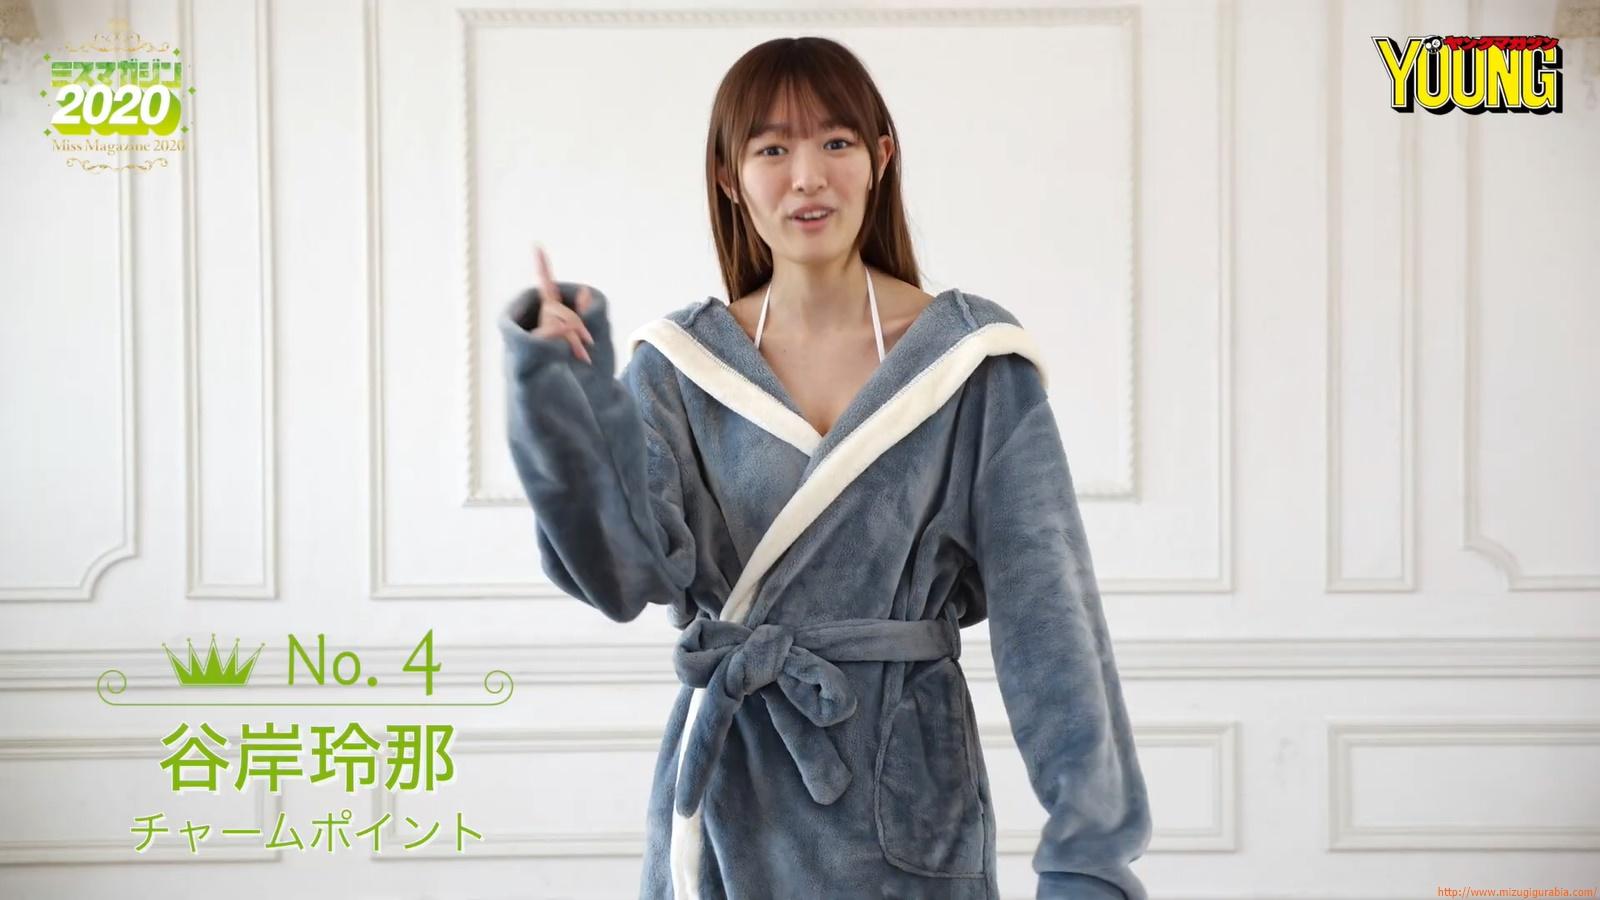 Miss Magazine 2020 Rena Tanegishi012